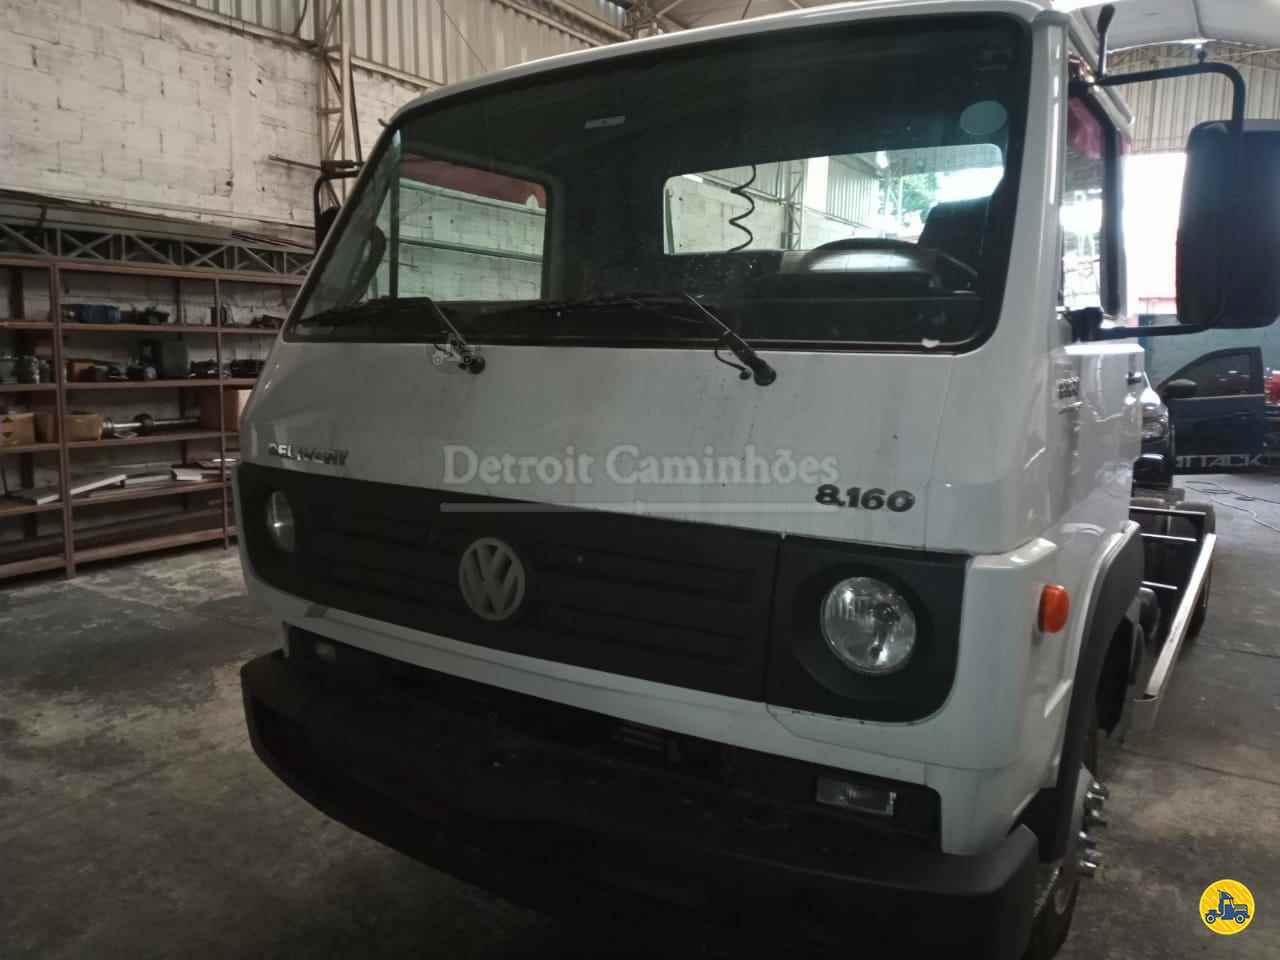 CAMINHAO VOLKSWAGEN VW 8160 Chassis Toco 4x2 Detroit Caminhões SAO JOSE DOS CAMPOS SÃO PAULO SP